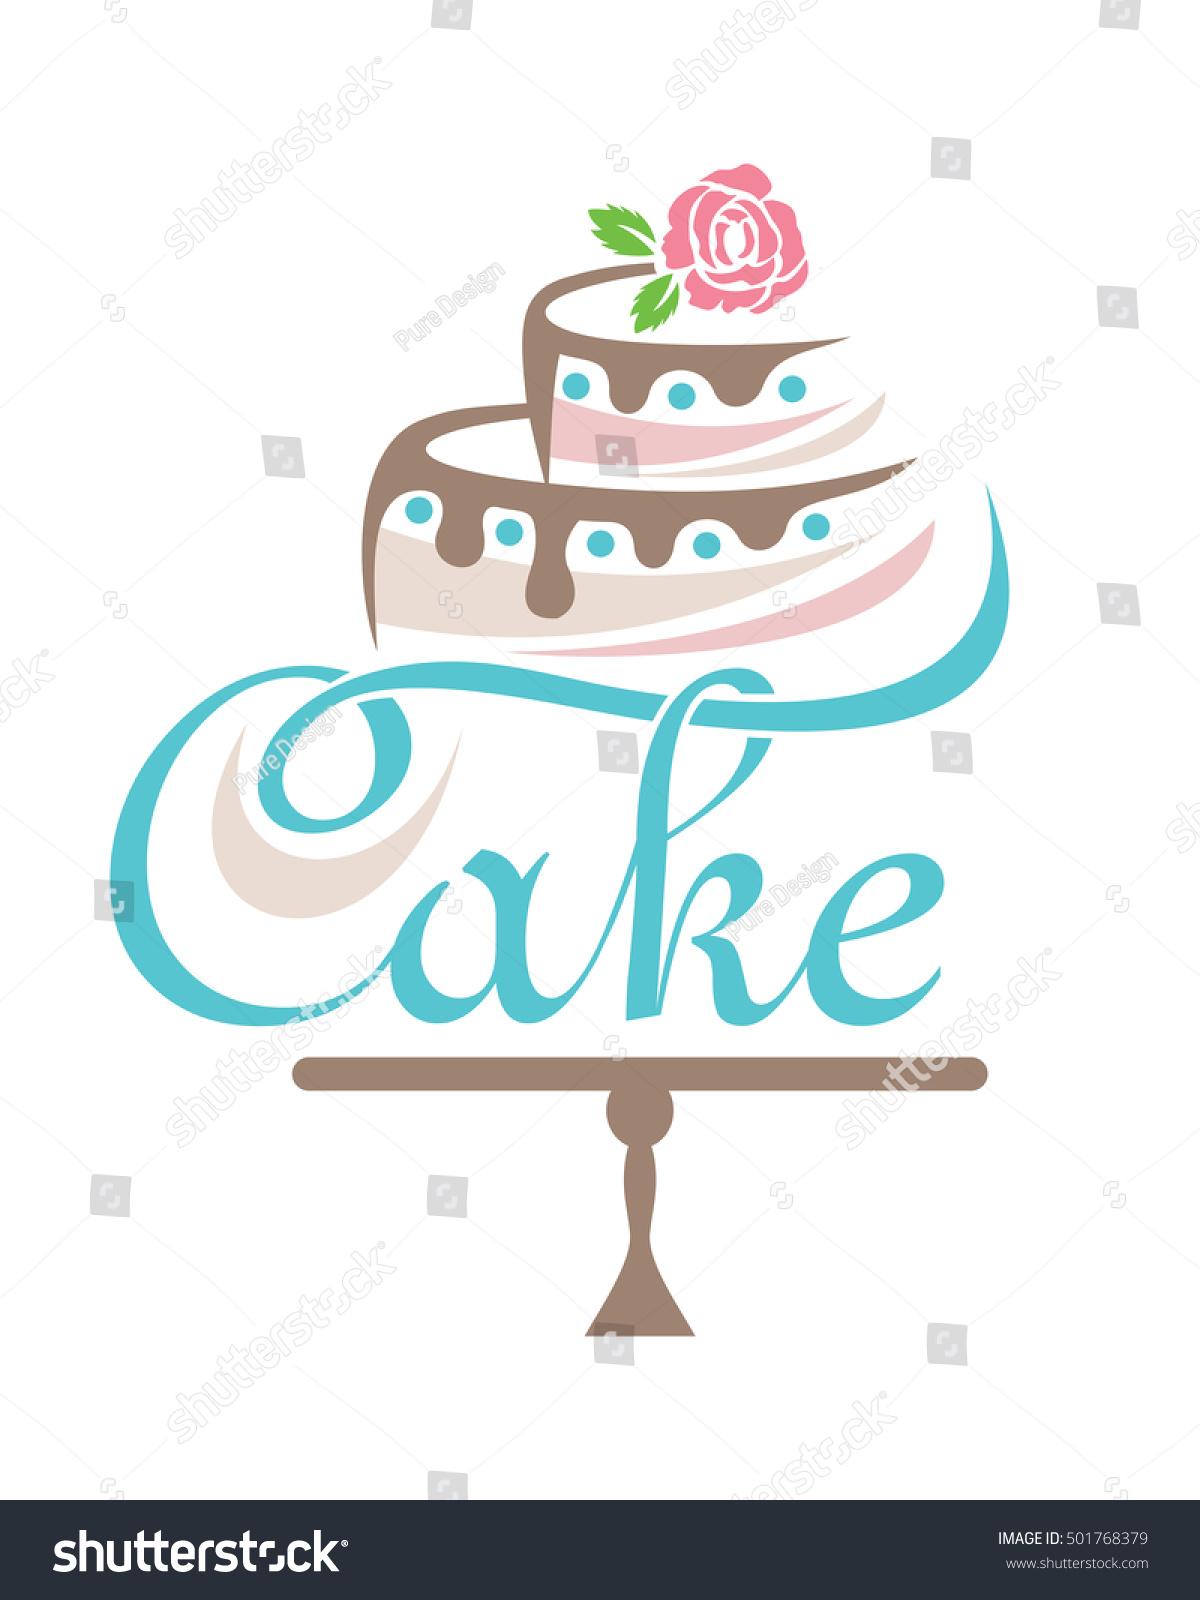 Cake Logo Stock Vector 501768379 - Shutterstock